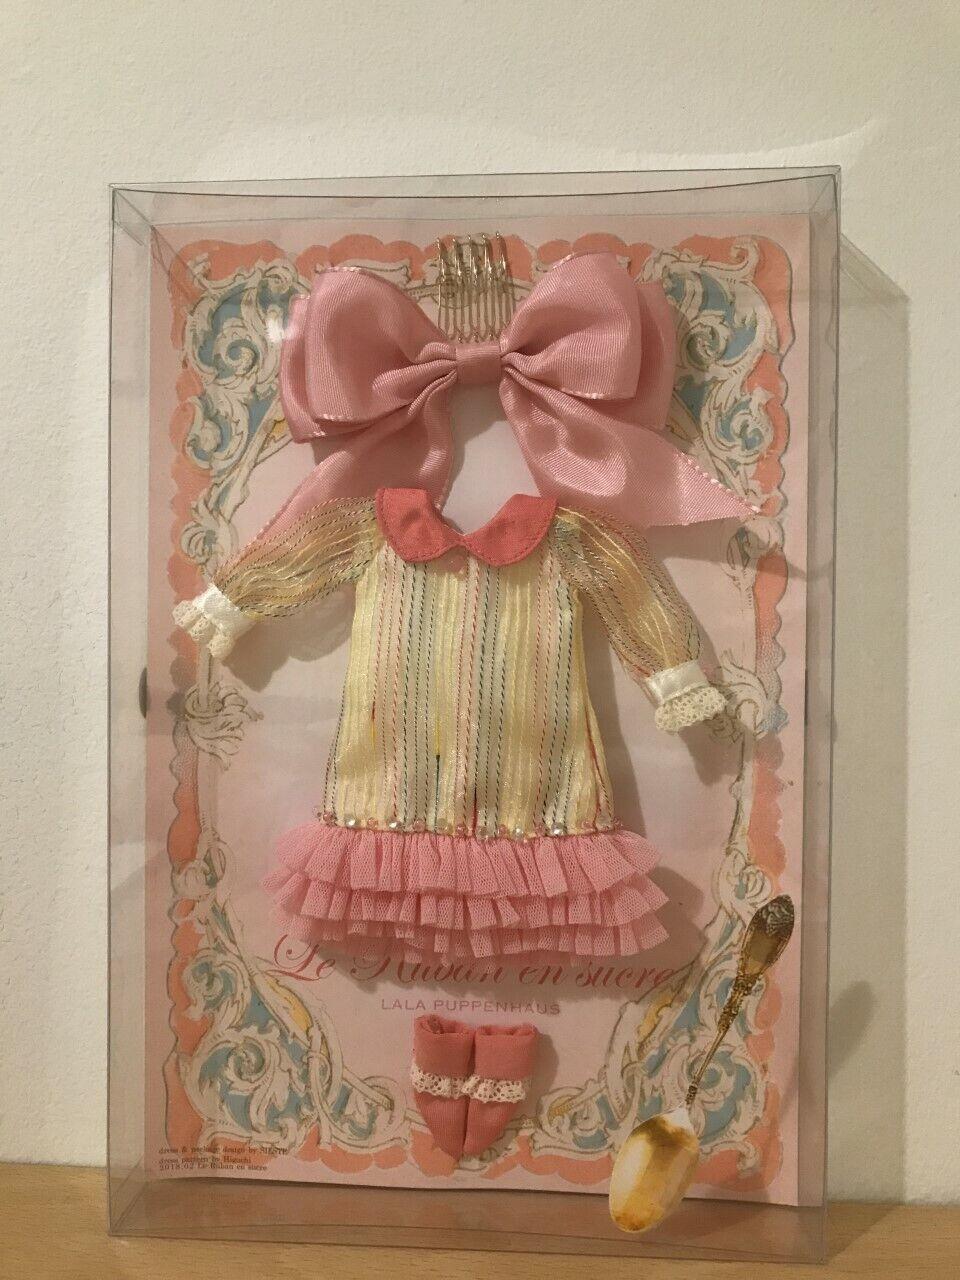 Lala Puppenhaus le ruban en Sucre-Neo Blythe Doll vestido Set nuevo-Reino Unido Vendedor